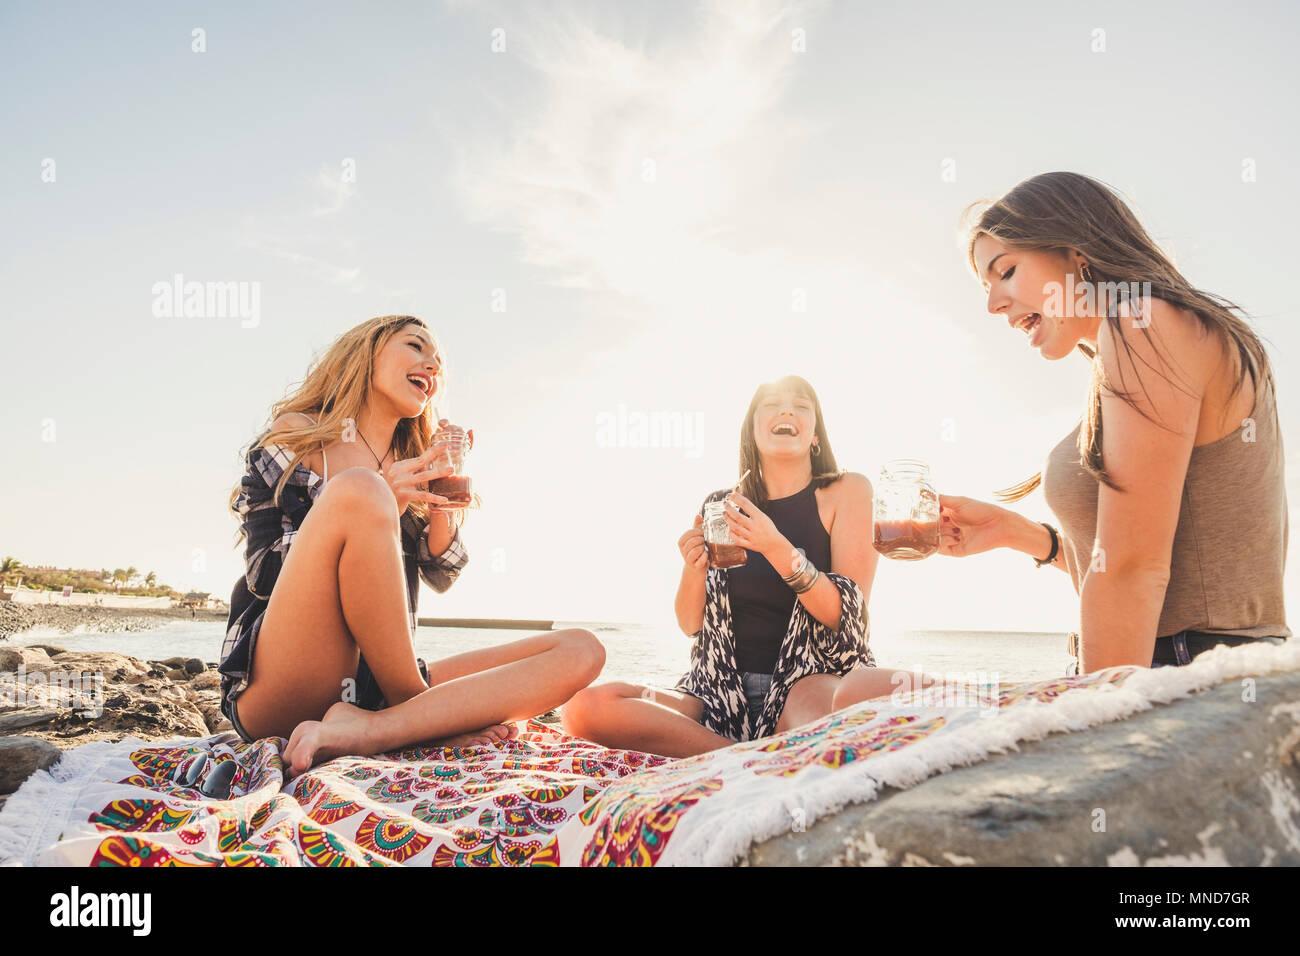 Grupo de mujeres jóvenes amigo bebiendo juntos un jugo de fruta en una roca de Playa en Tenerife. Relación para un equipo ejoy las vacaciones y la felicidad. Imagen De Stock